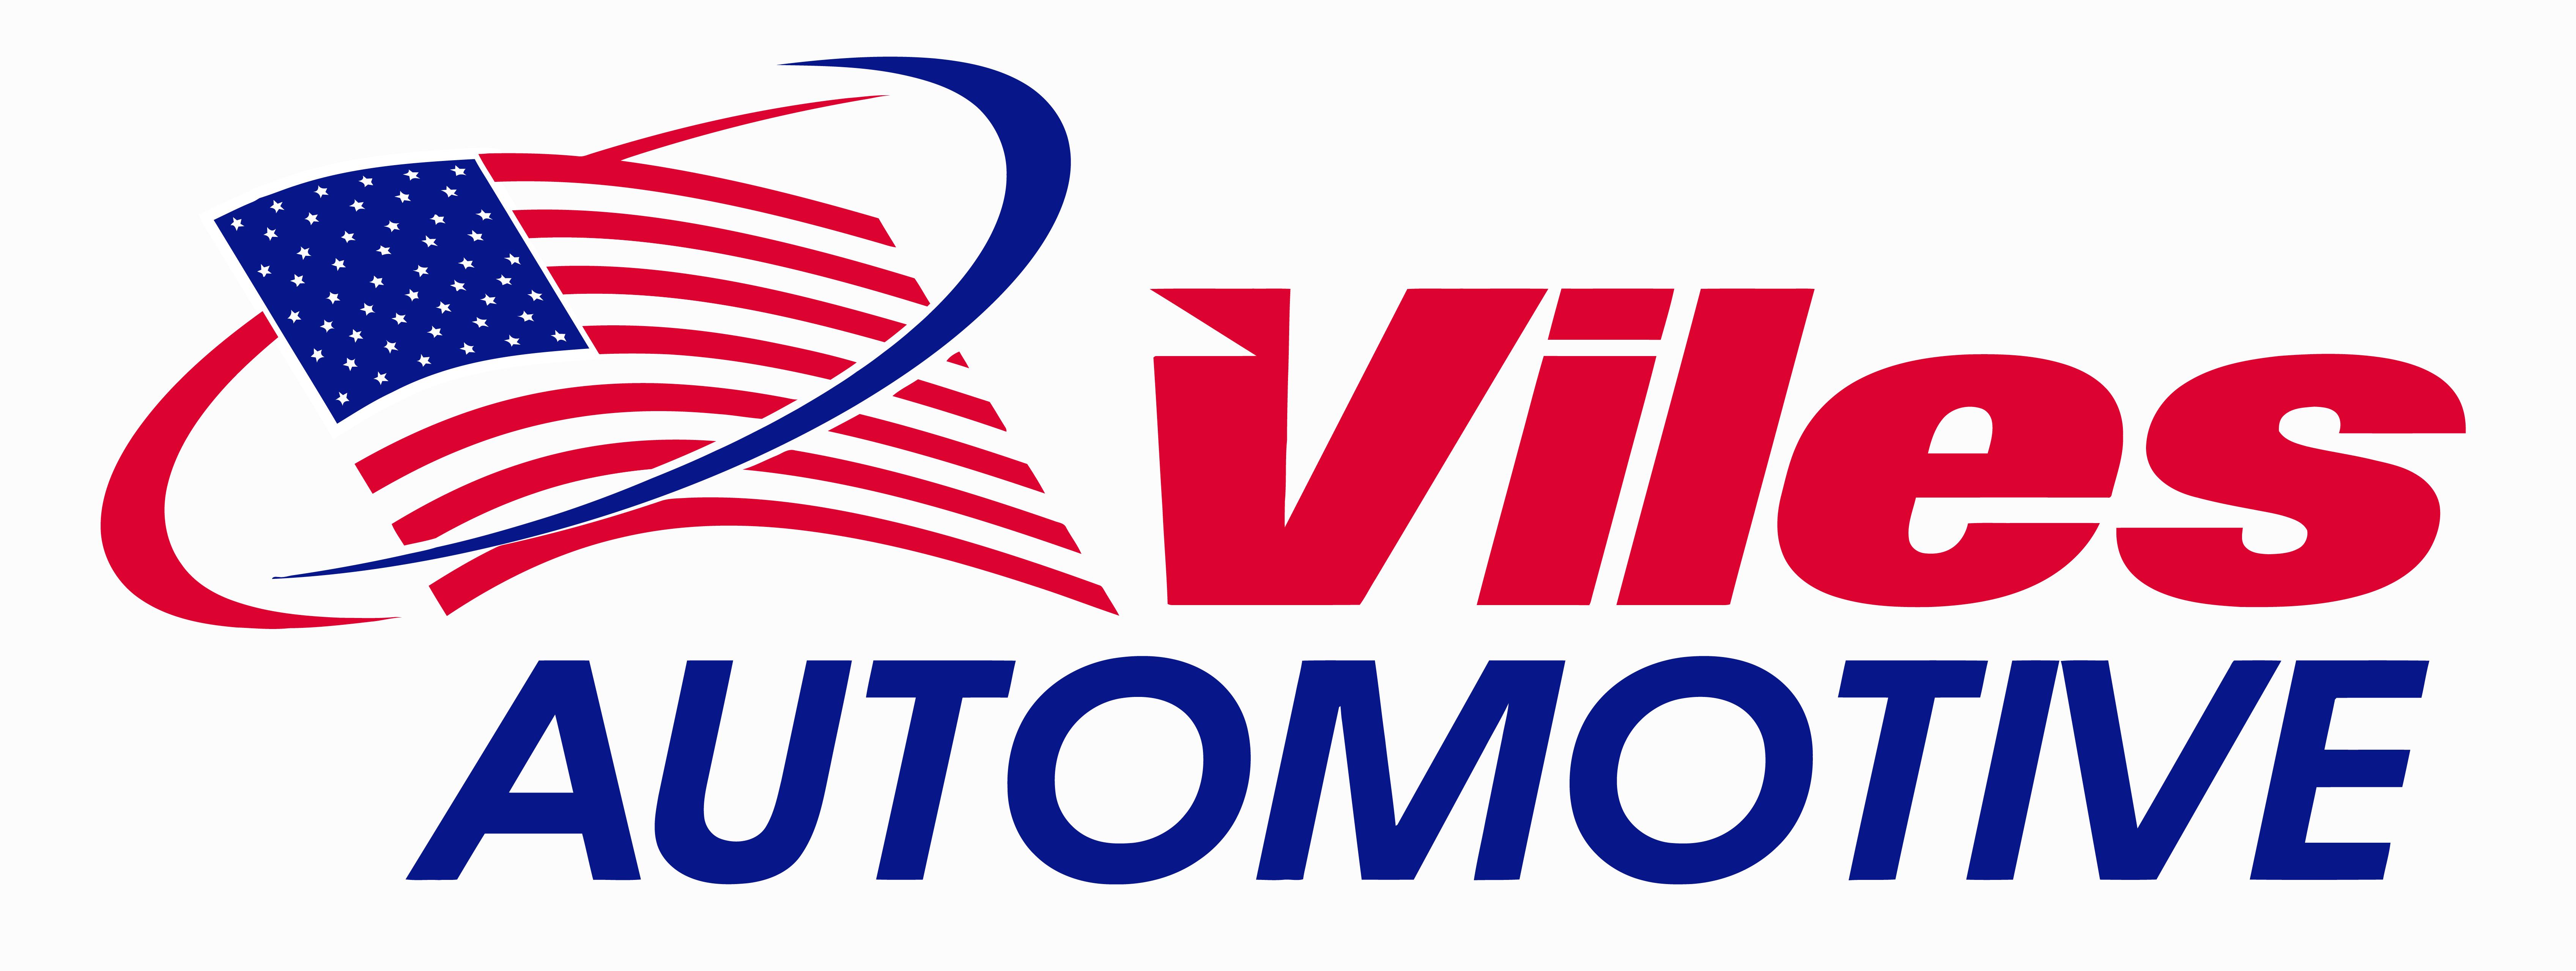 Viles Automotive Group